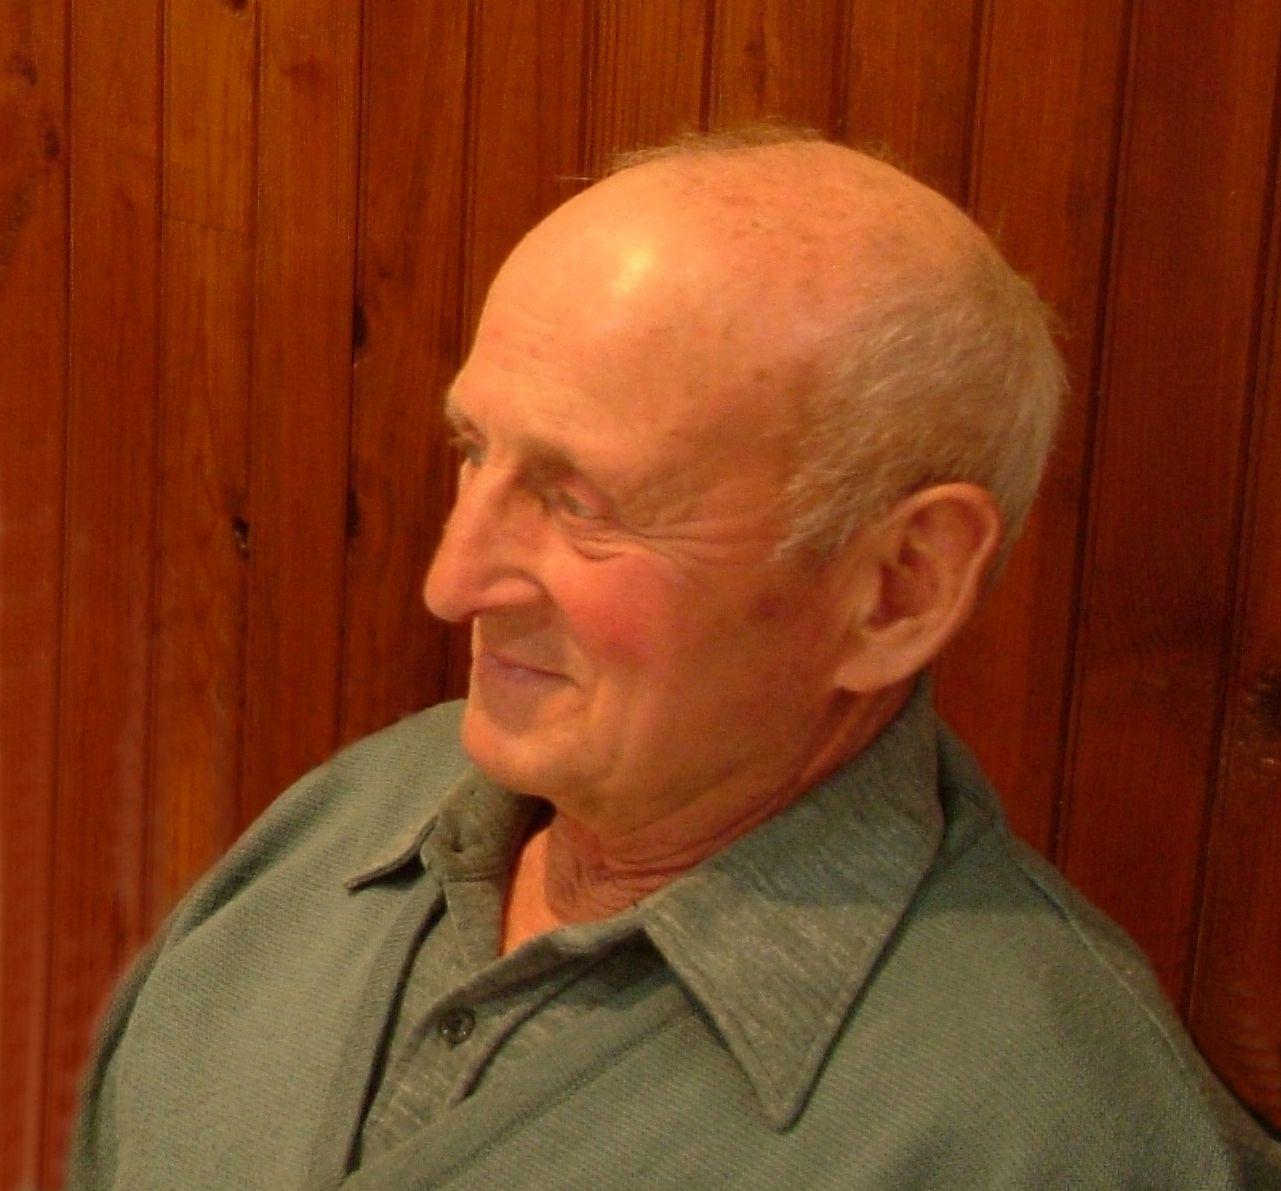 Louis LAGET - 1925 - 13 avril 2021 - Louis nous a quitté, il était un de nos plus anciens membre du Cercle et de la Musique des Amis Réunis.